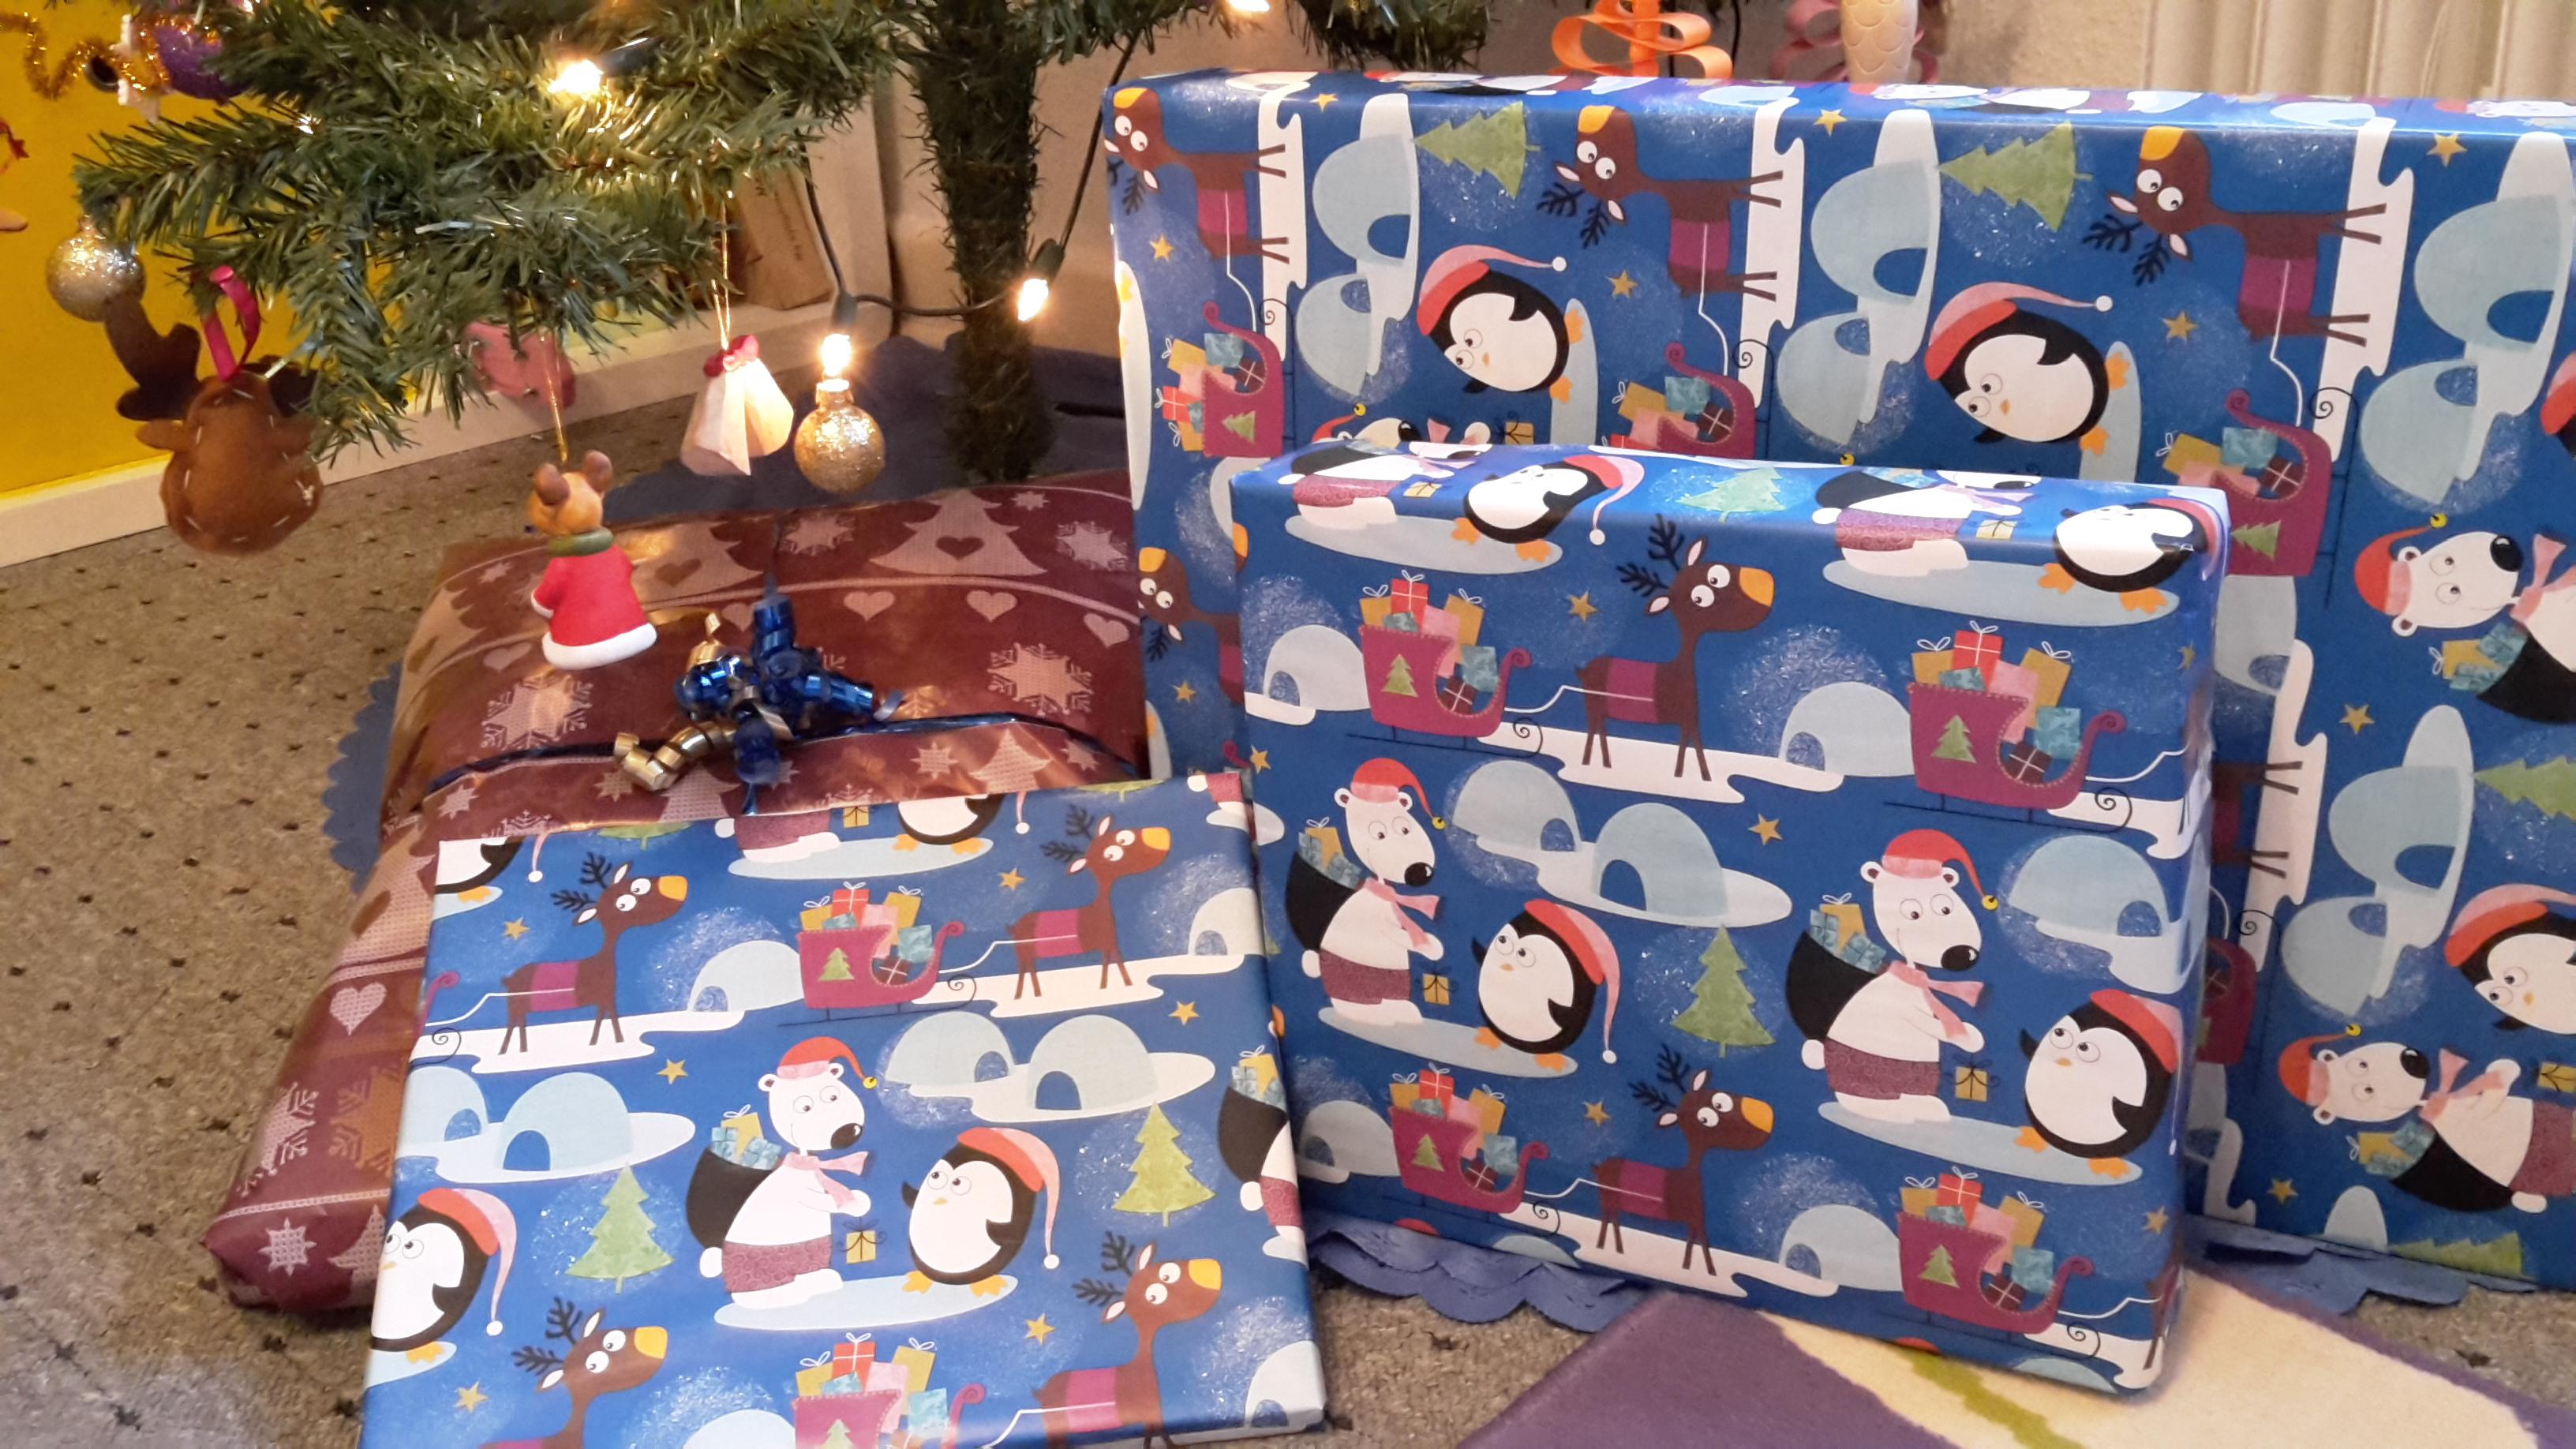 Weihnachtsgeschenke für Kinder | Der Familienblog für kreative Eltern